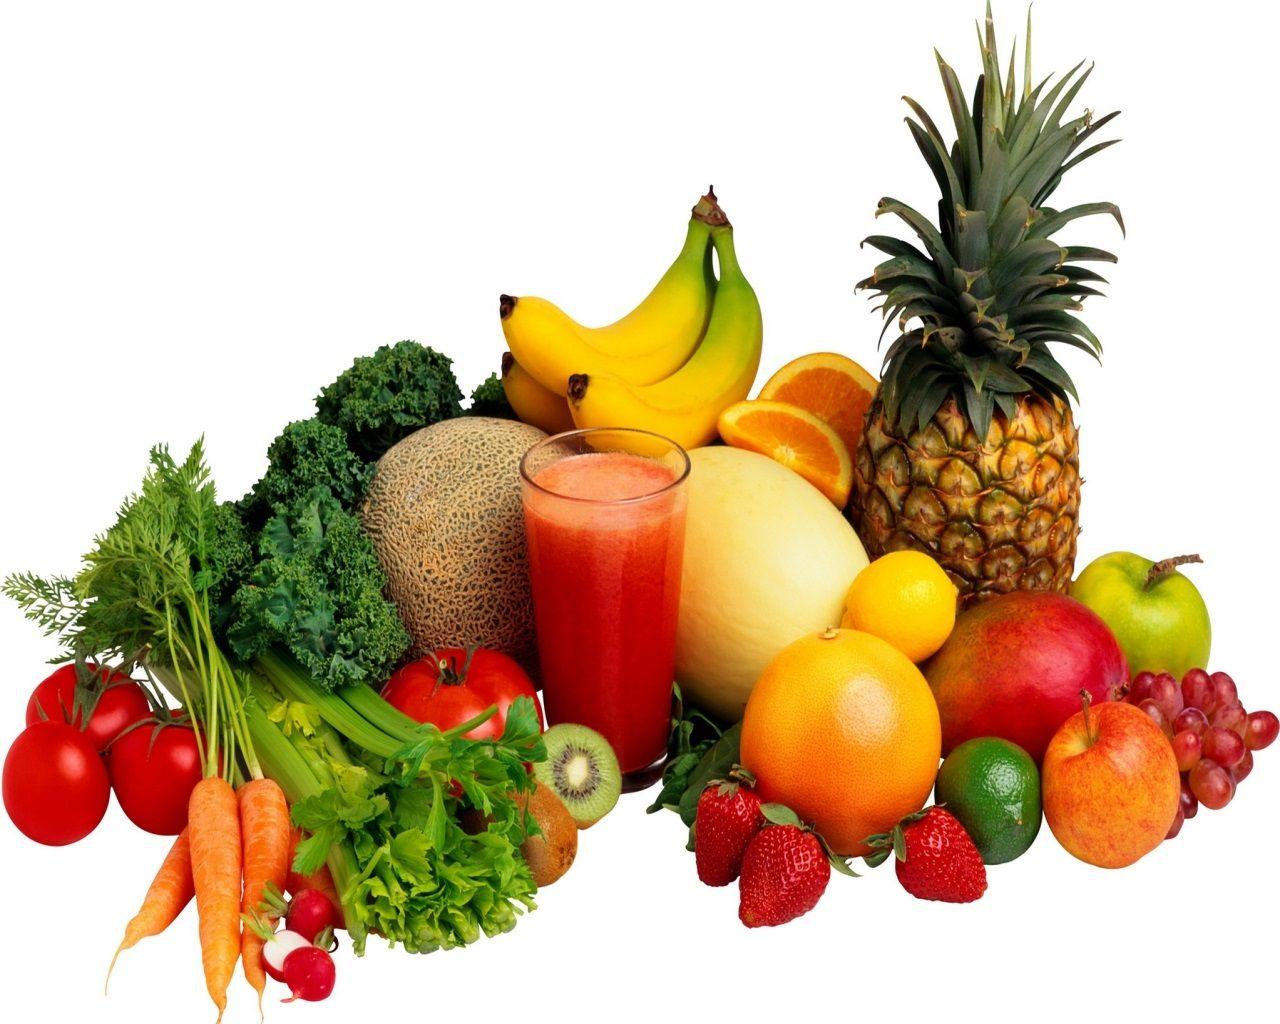 بانک موبایل فروشندگان میوه سبزیجات مشهد